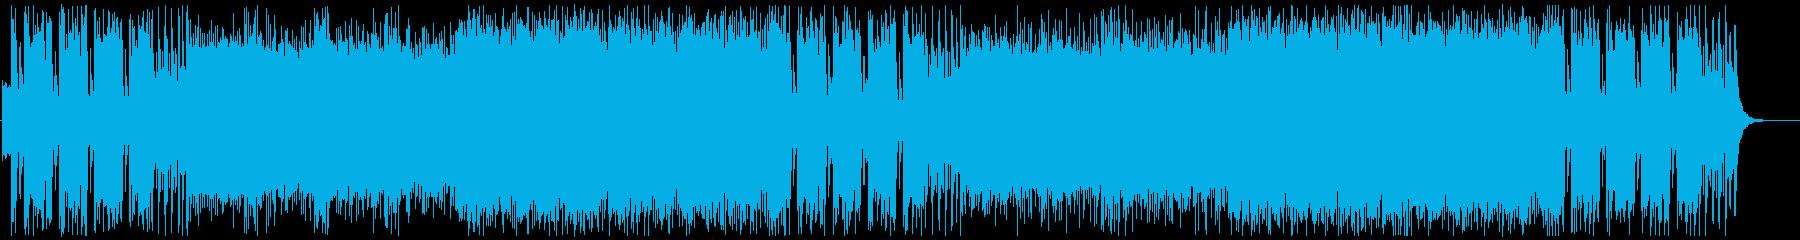 戦隊モノ風のダサカッコいいBGMの再生済みの波形